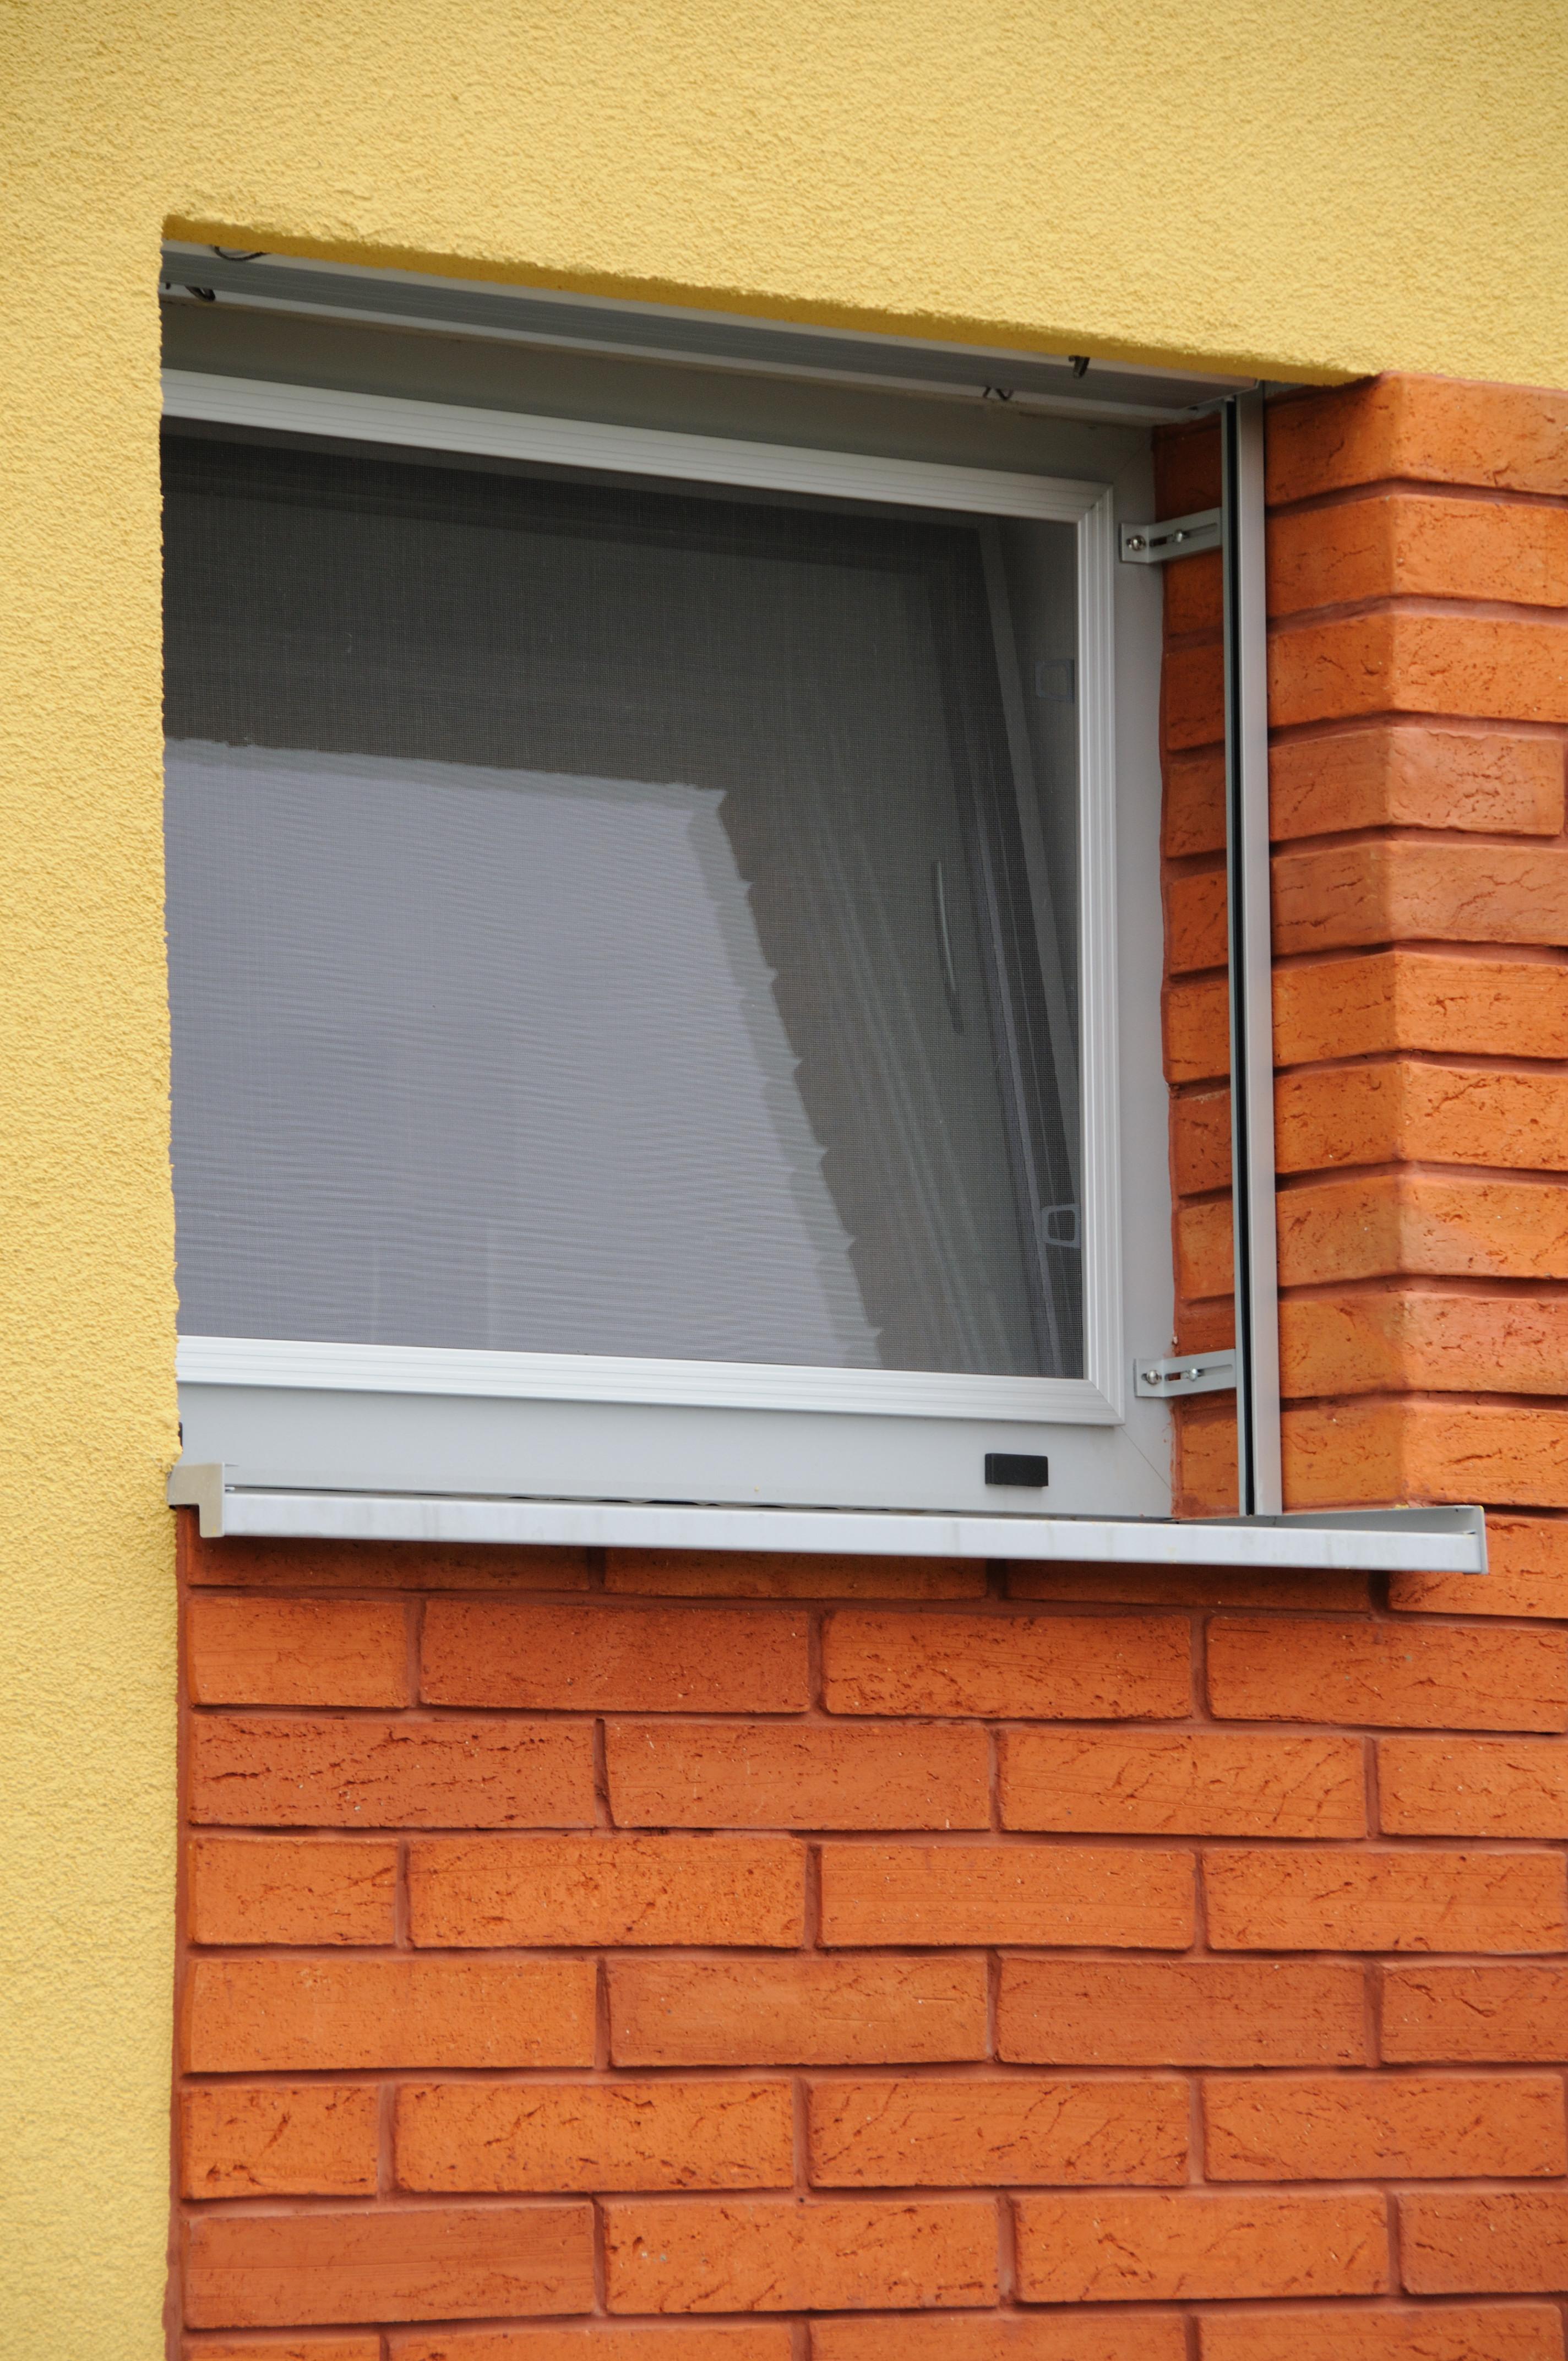 PS-AL | http://www.ksystem.sk/sk/produkty/okenne-siete-proti-hmyzu/pevne-okenne-siete/ps-al.html